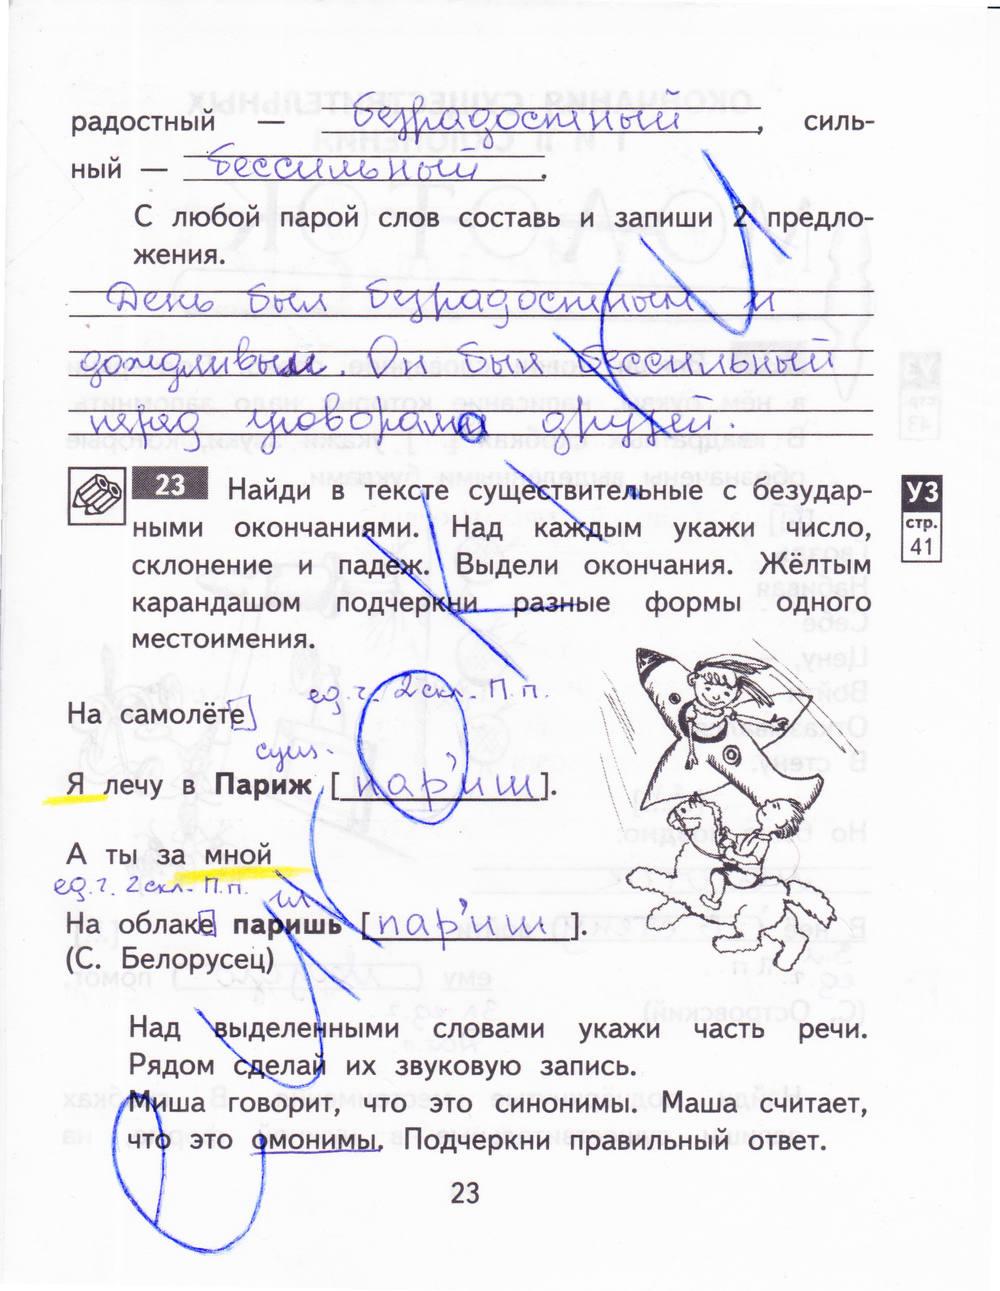 Гдз по русскому языку 3 класс т а байкова рабочая тетрадь 2 часть ответы